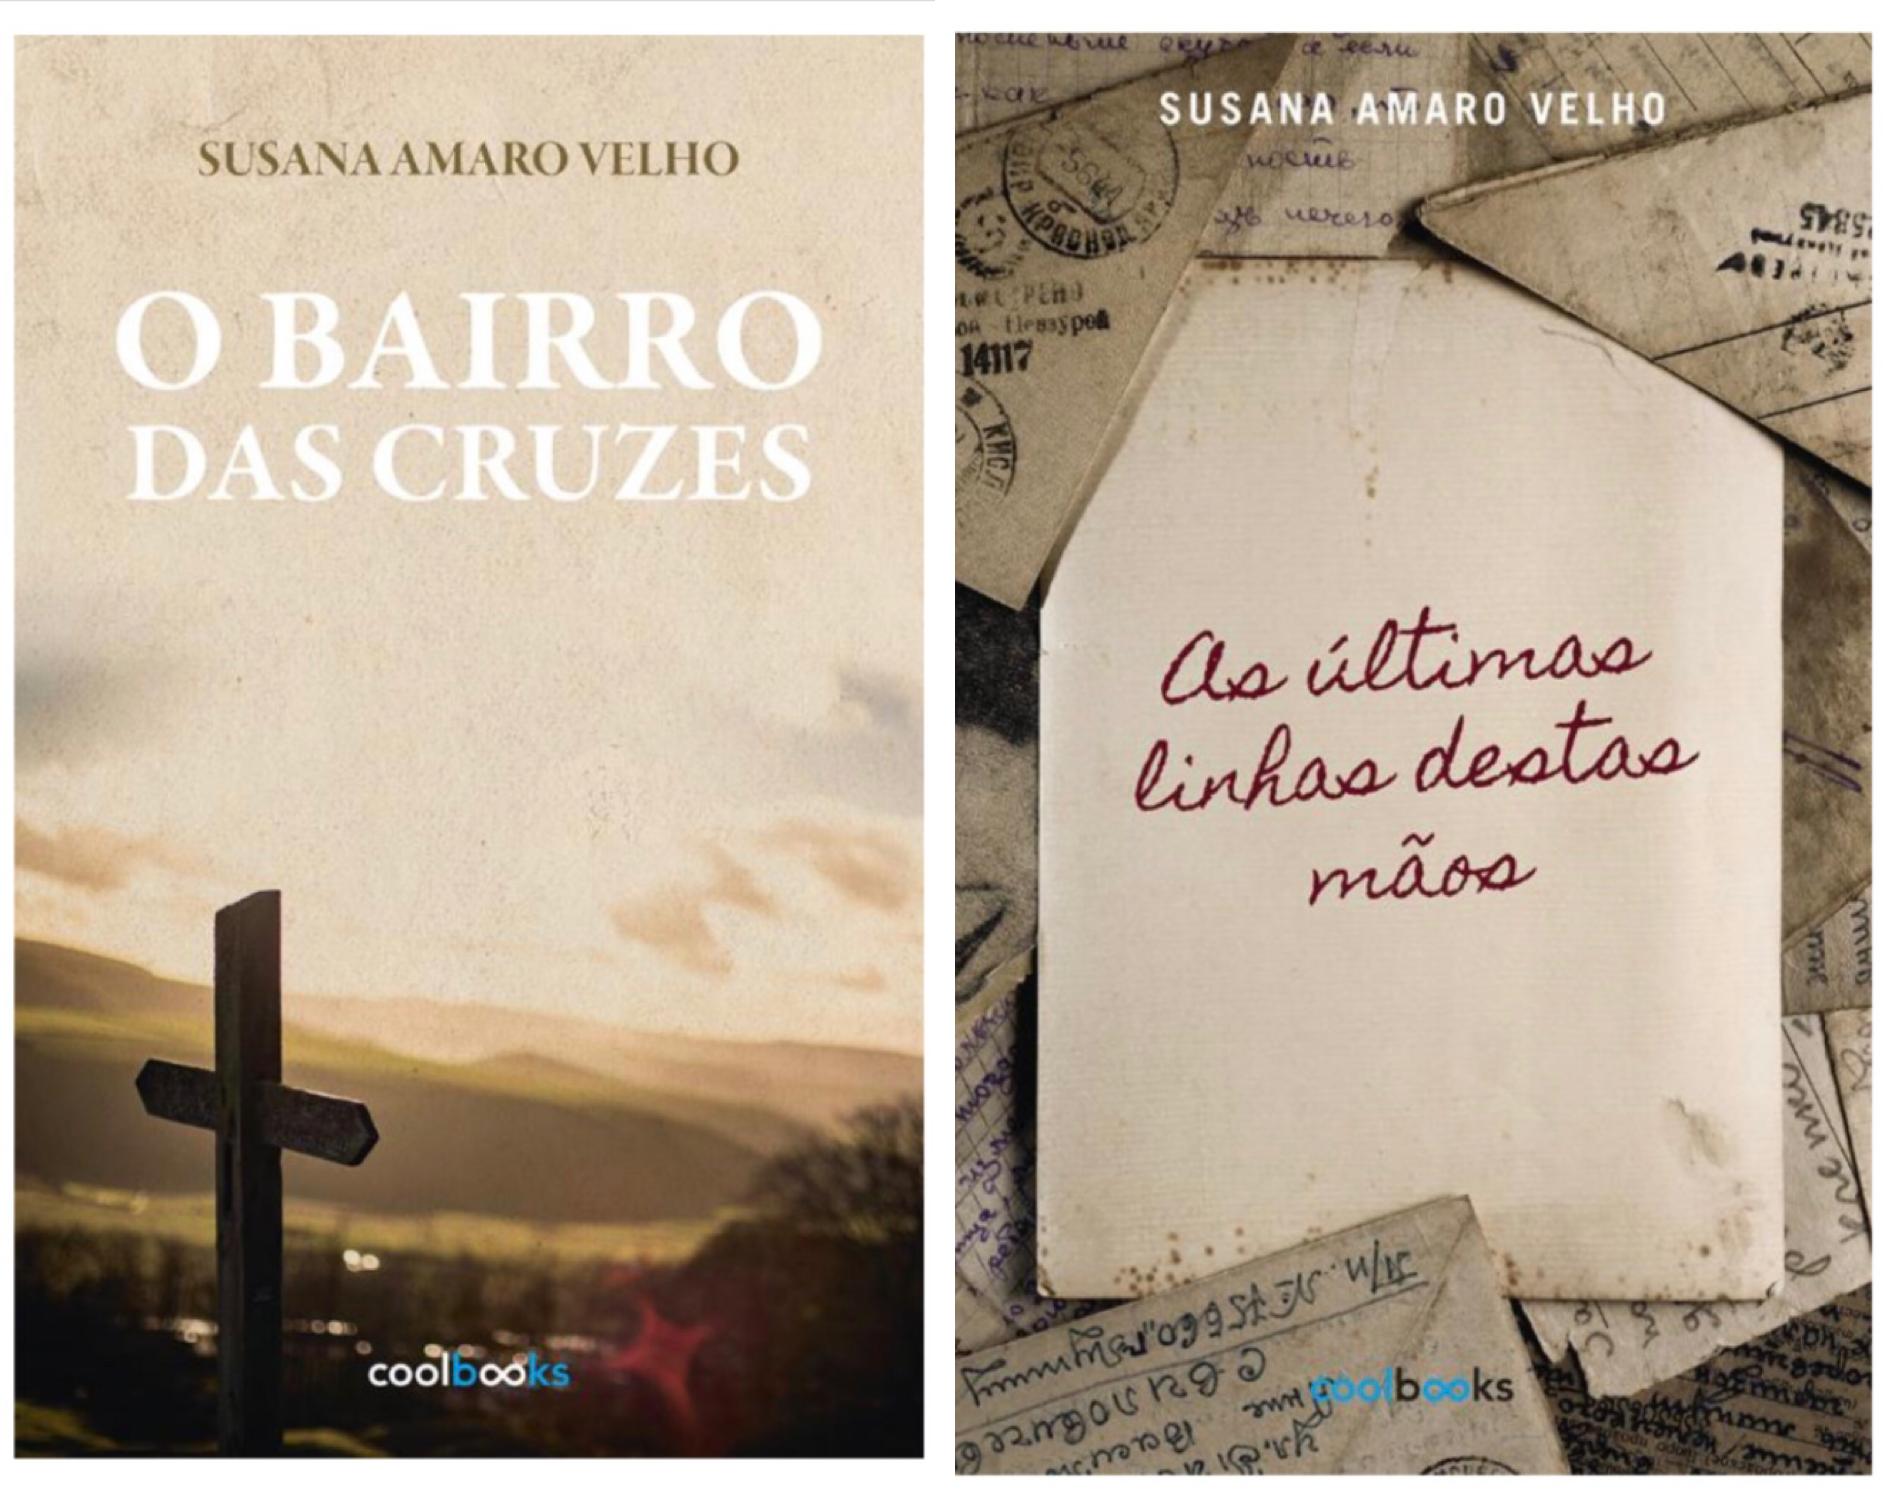 Livros da autora Susana Amaro Velho